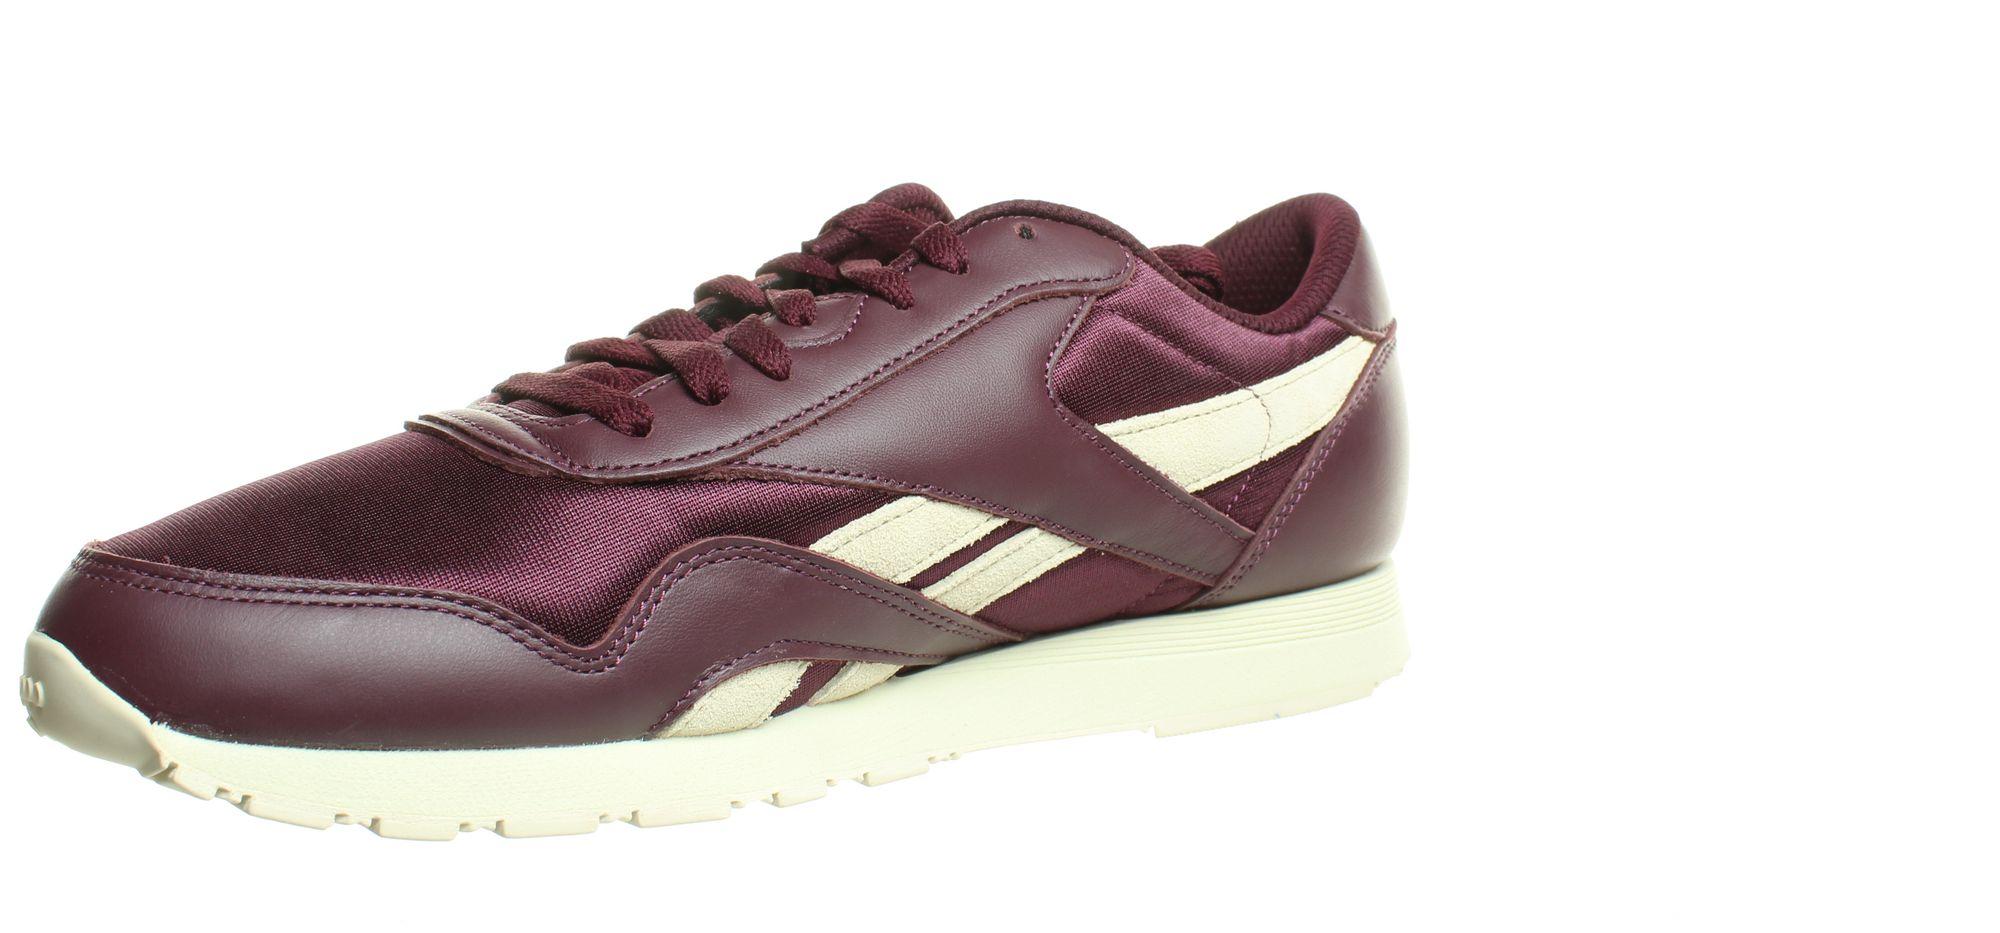 Reebok-Mens-Cl-Nylon-Fashion-Sneakers thumbnail 31